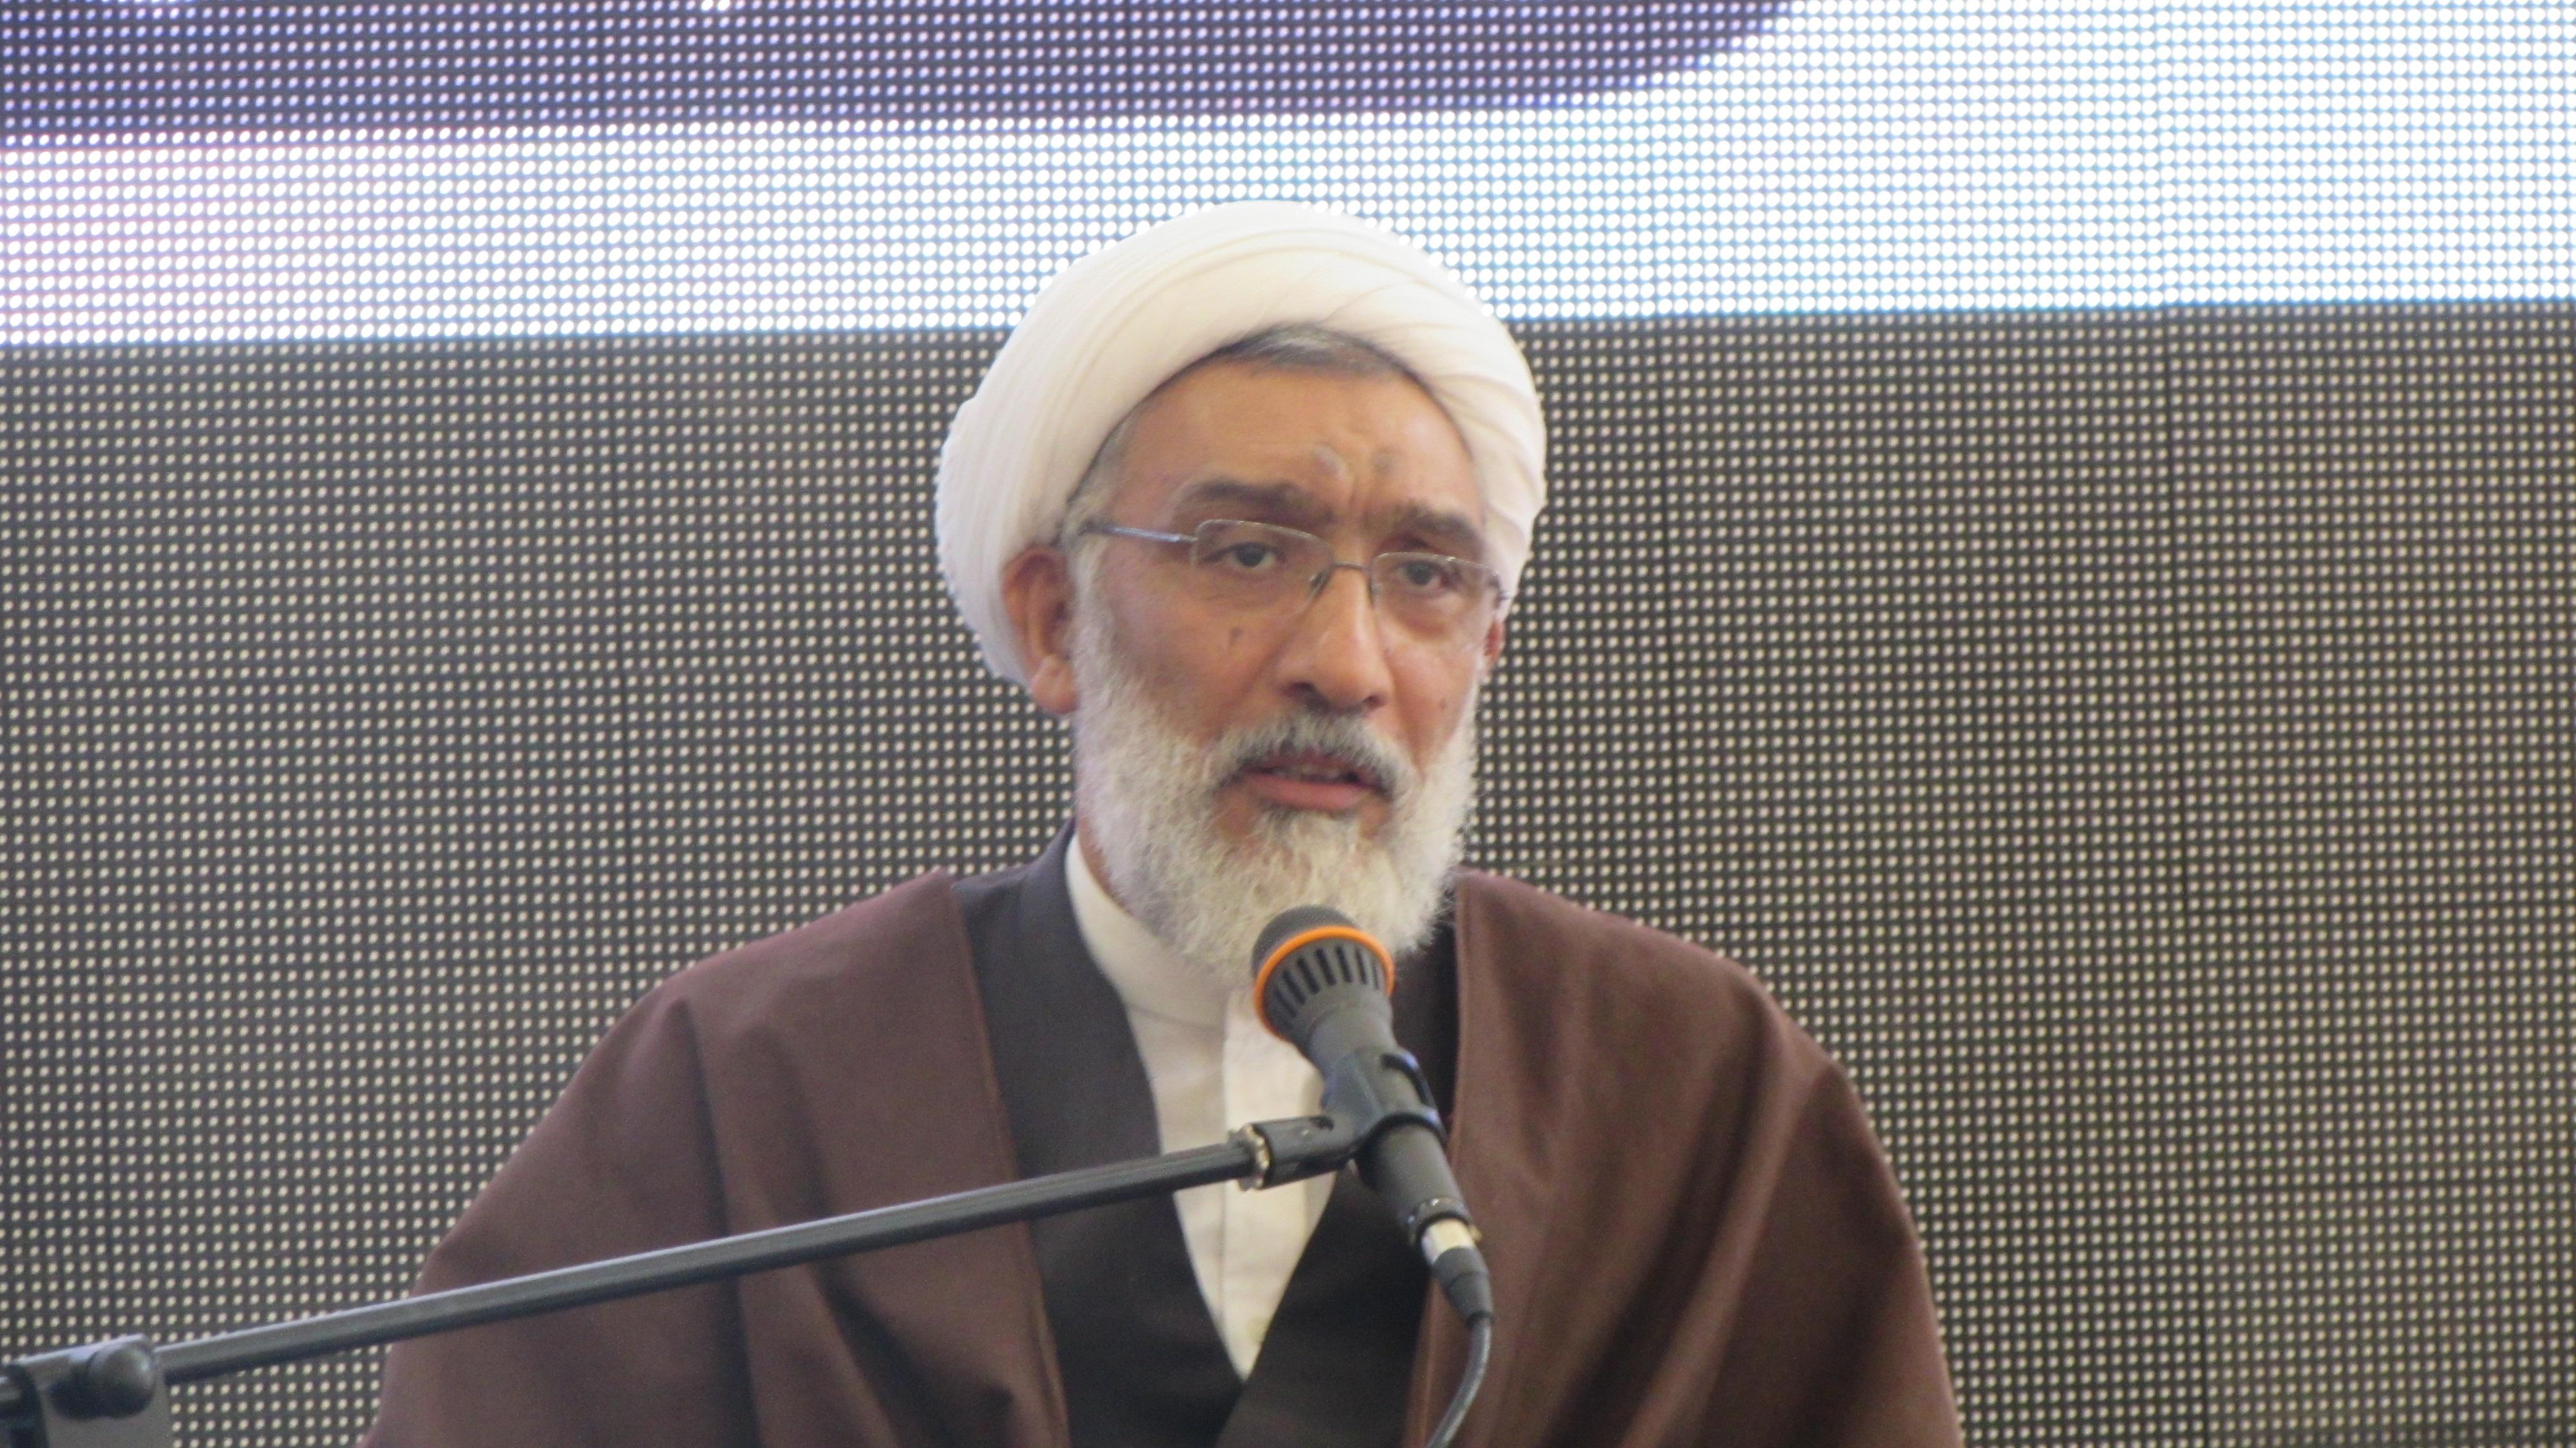 انقلاب اسلامی قلوب بسیاری از ملت ها را تسخیر کرد/ امید به آینده کلید اساسی پیام گام دوم انقلاب است/ انسجام اجتماعی مردم را در شرایط سخت قوی می کند